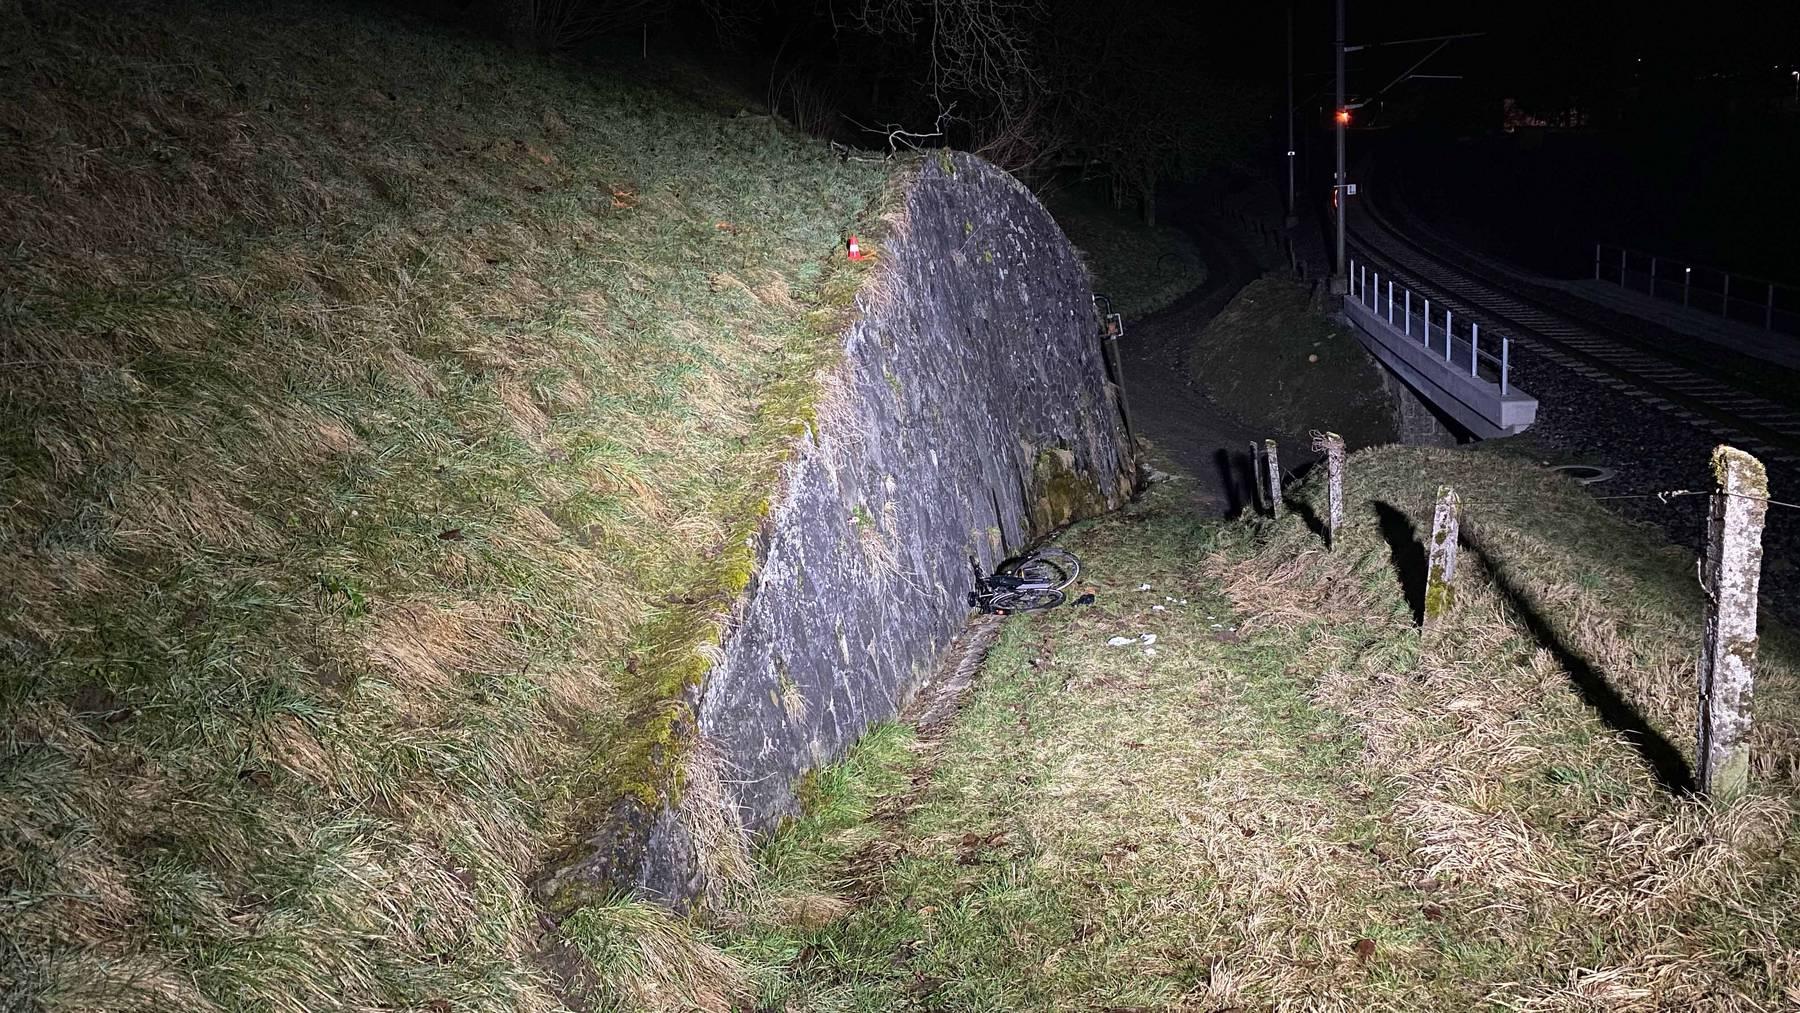 MM037_Zweiradlenker stürzt über Mauer und verletzt sich erheblich